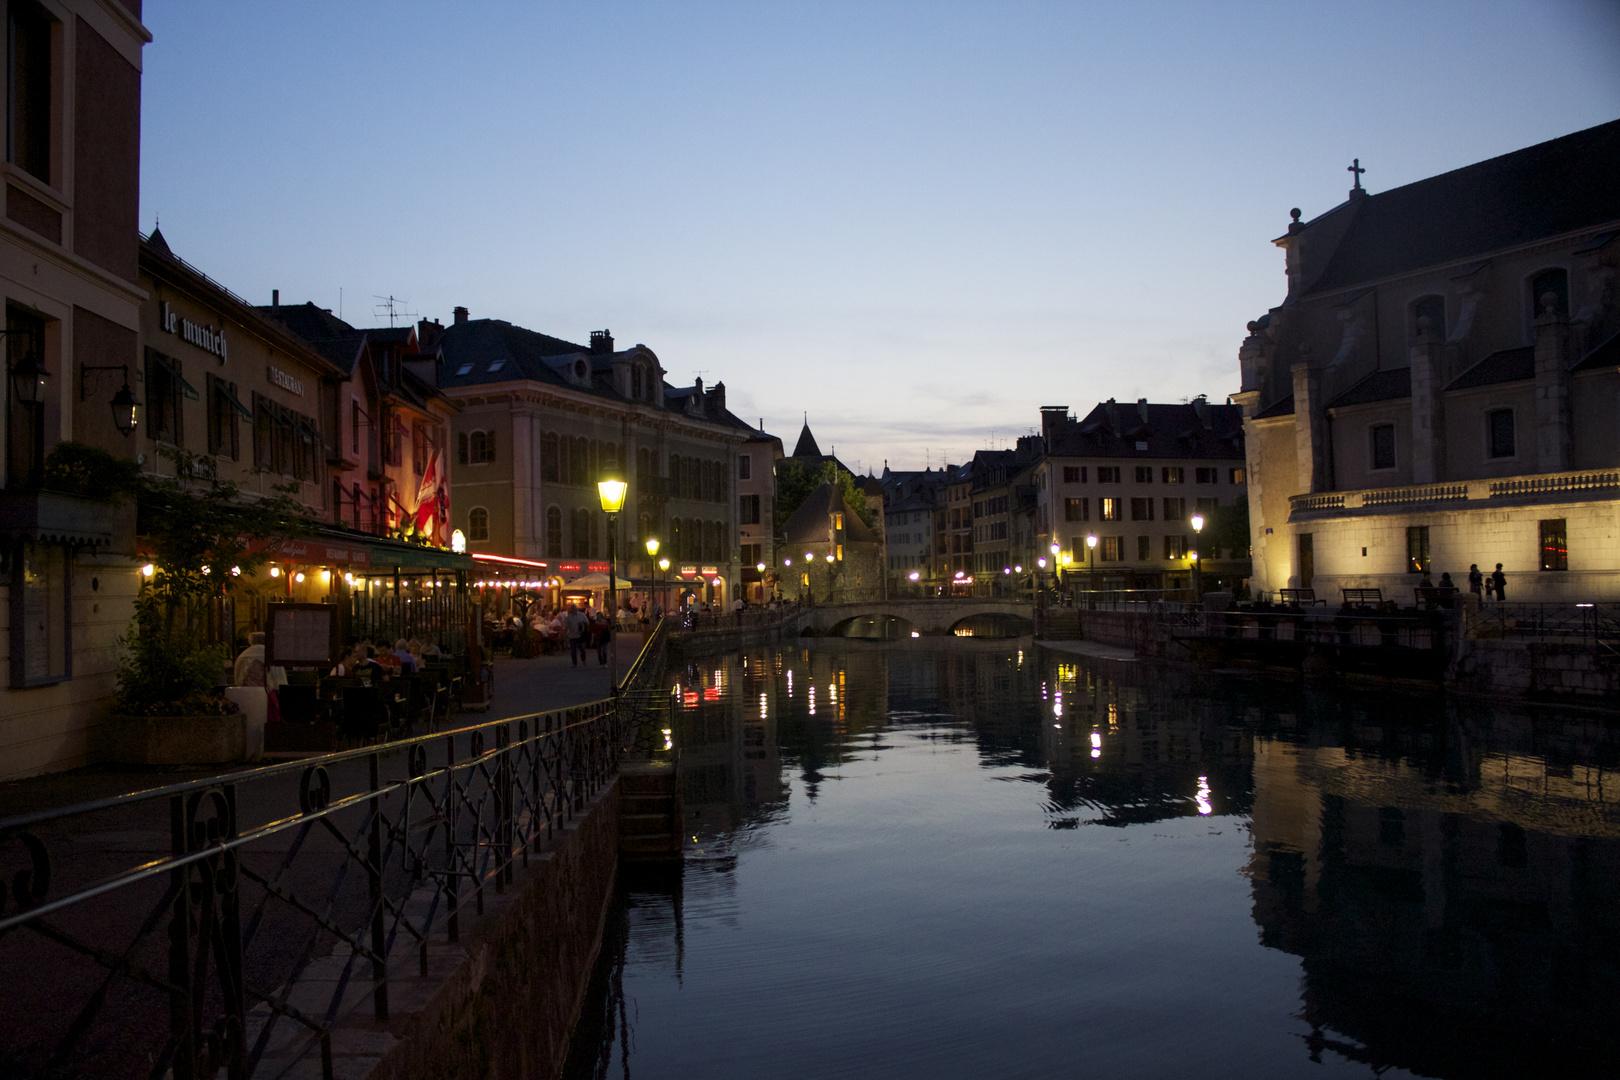 Annecy Le vieux Le canal